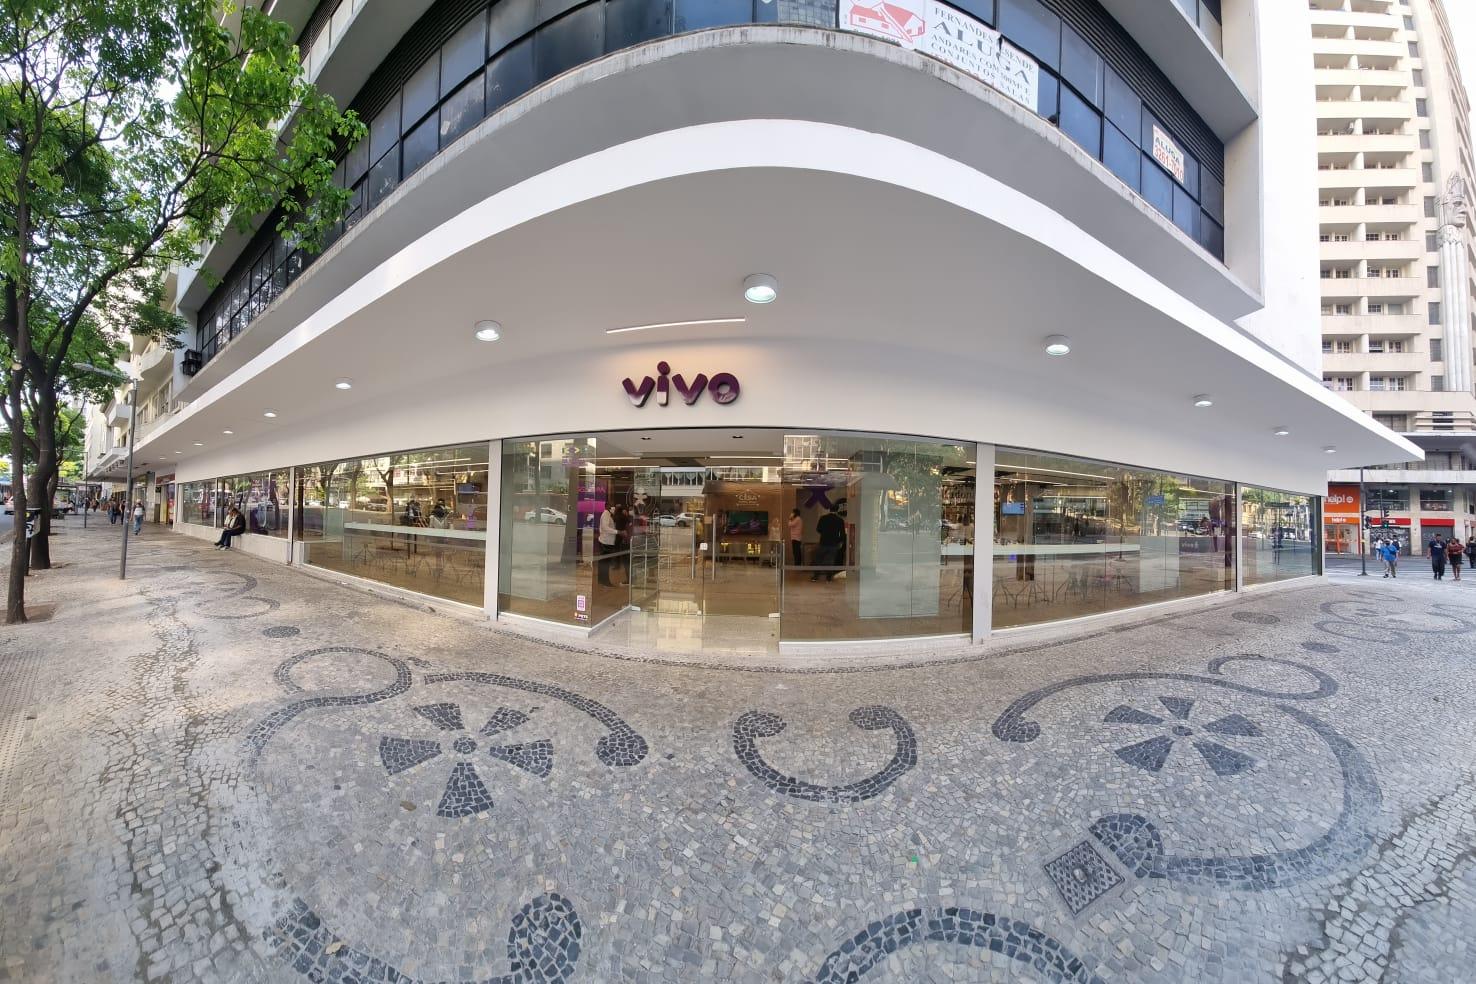 Vivo traz novo conceito de experiências no centro de Belo Horizonte - Crédito: Divulgação Vivo